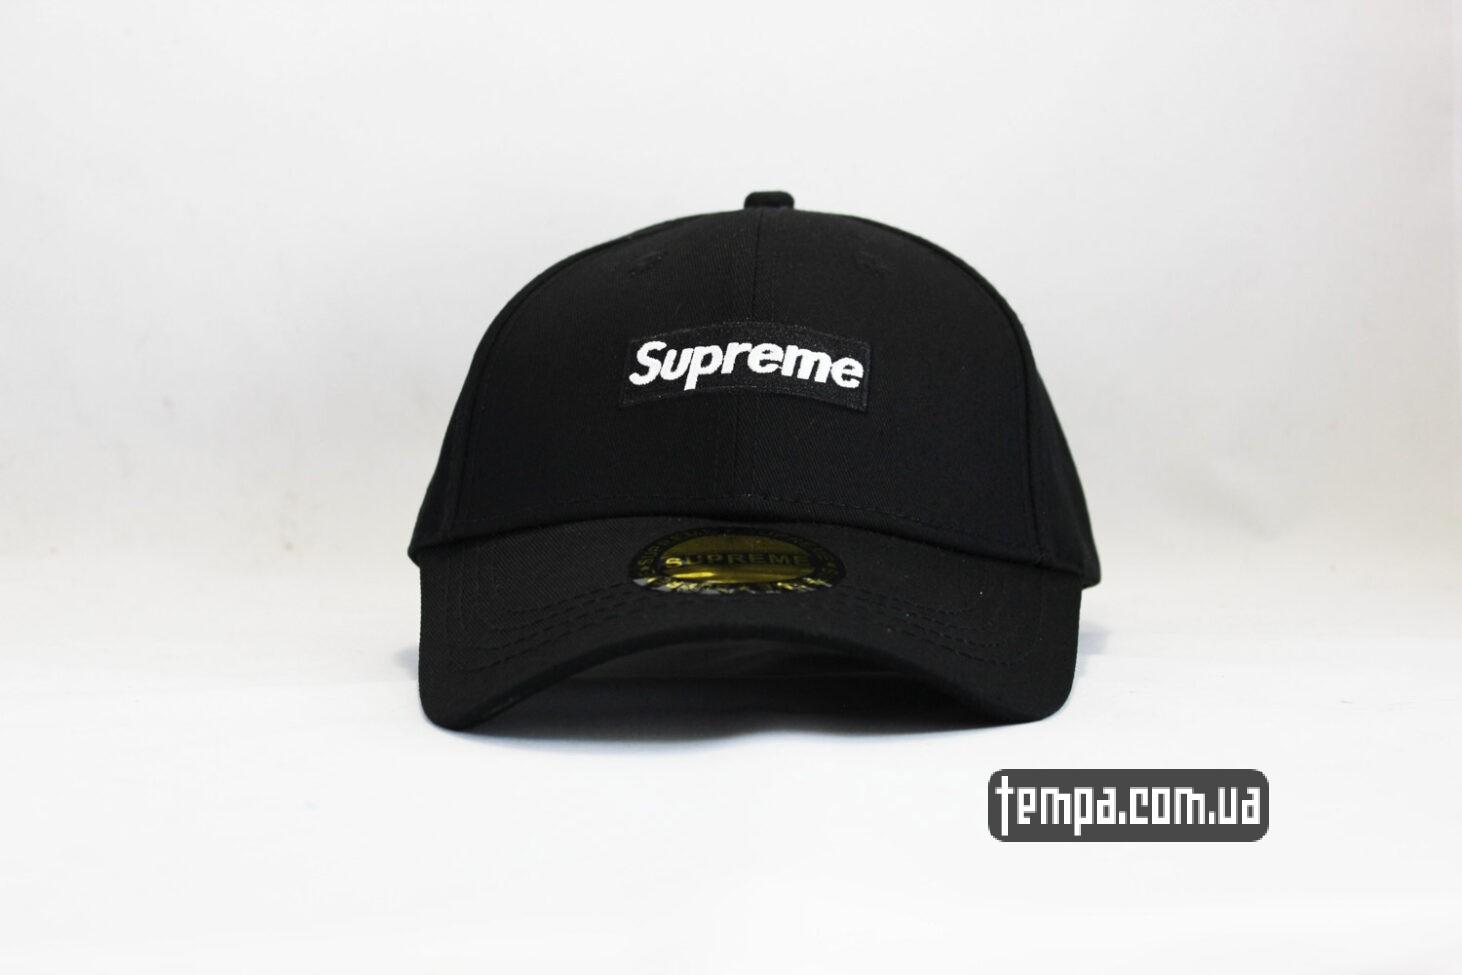 кепка бейсболка supreme черный логотип суприм украина